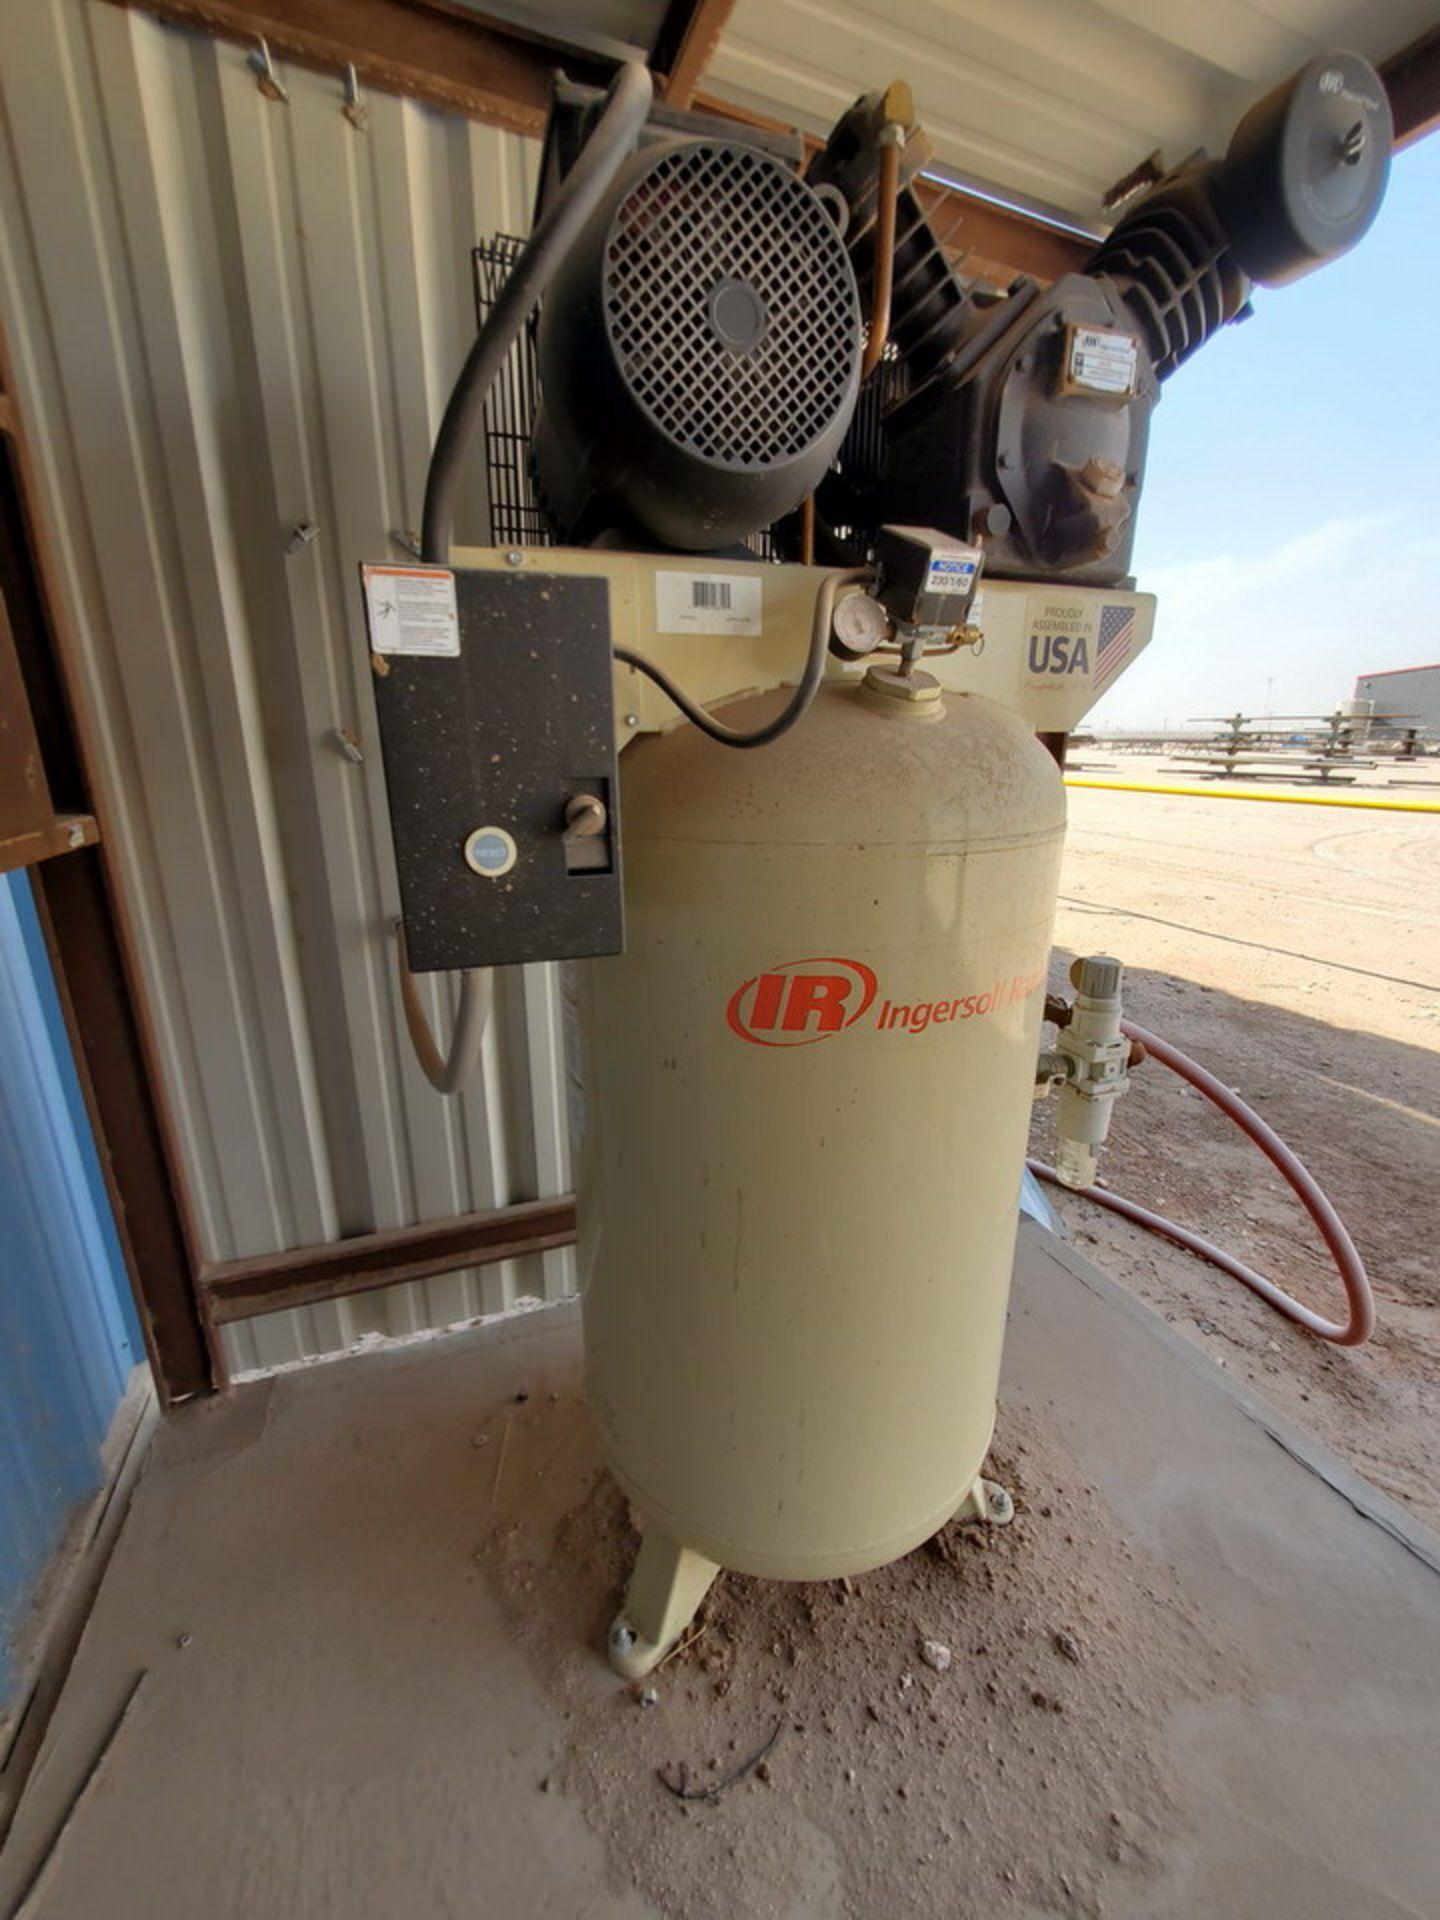 IR Air Compressor 230V, 60HZ, 1PH, 175 MAWP - Image 3 of 4